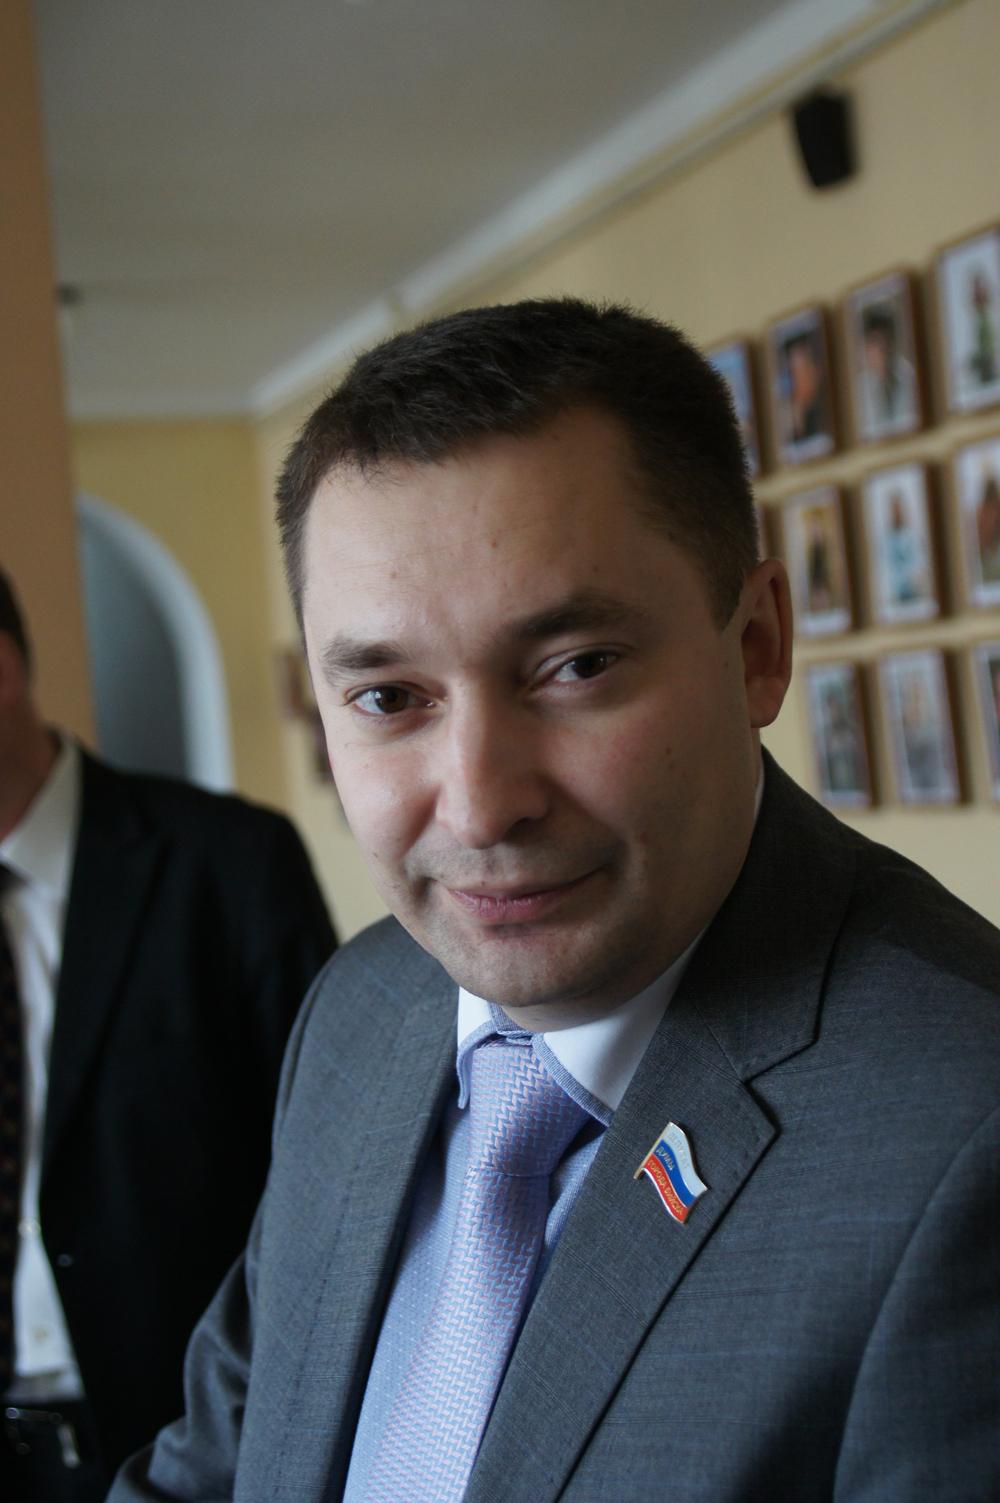 Замглавы Бийска Олег Гузеев может лишиться прав за отказ от медосвидетельствования